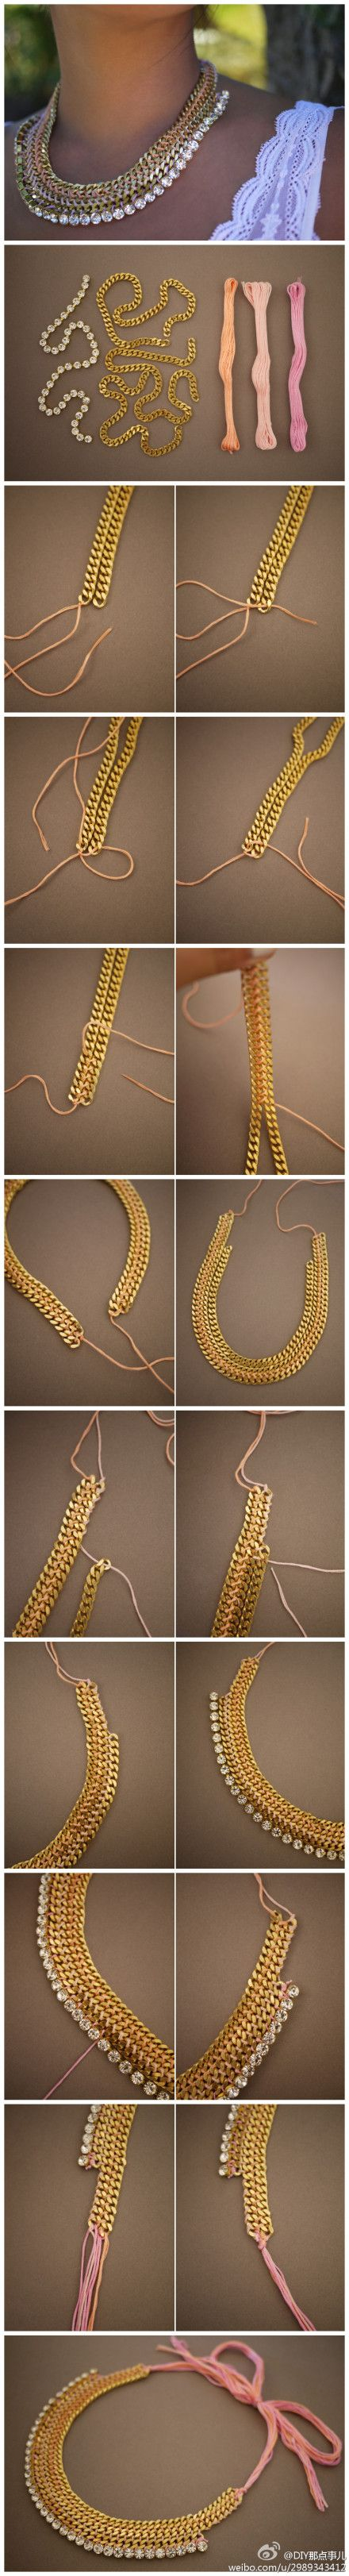 Kako napraviti nakit? Evergreenest kolekcija savjeta i inspirativnih ideja :)